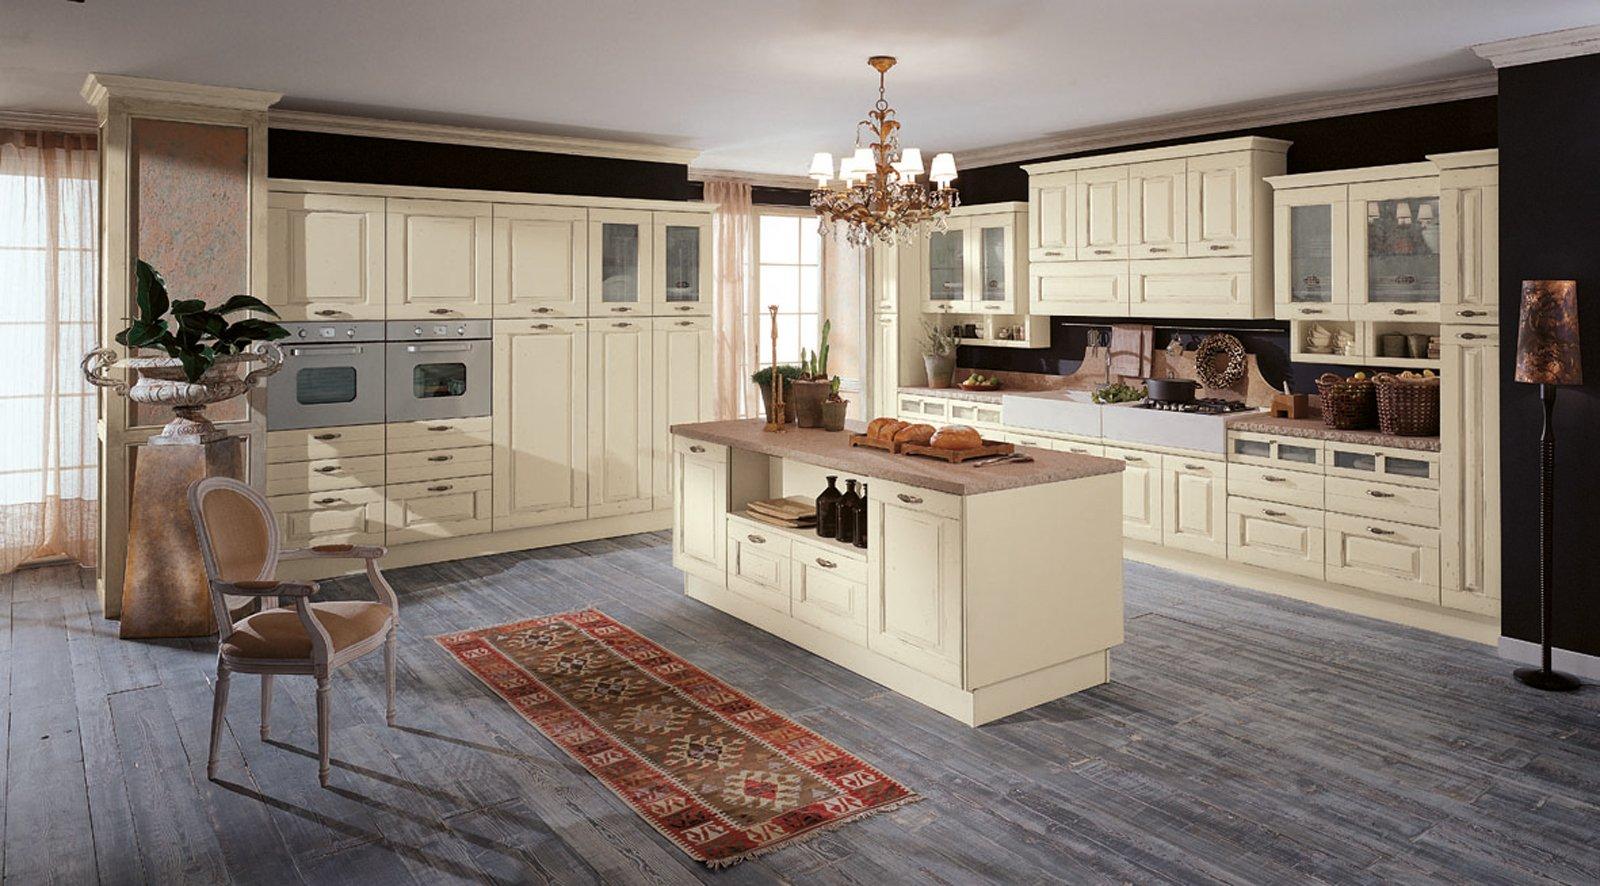 Popolare Cucine country chic: soprattutto bianche o tinta legno - Cose di Casa OK85